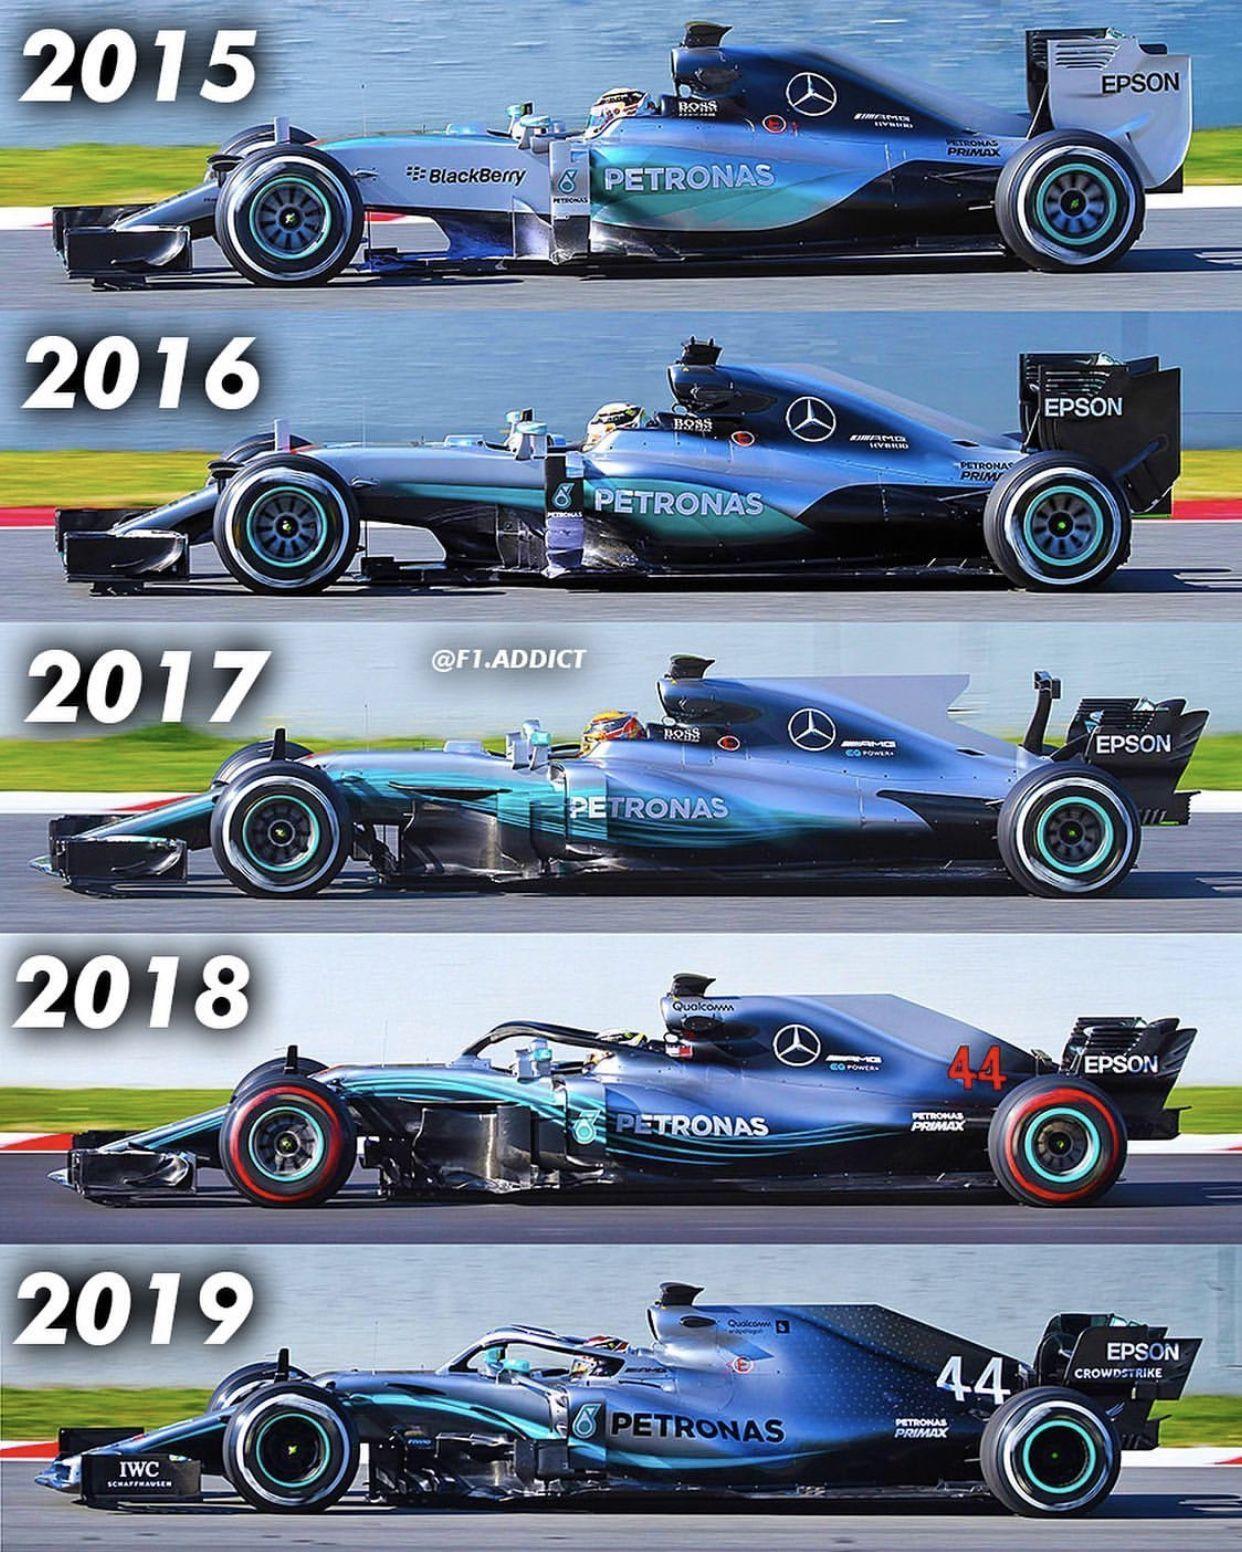 Mercedes F1 Team Mercedes F1 Formula 1 Car Racing Formula 1 Car Formula 1 [ 1552 x 1242 Pixel ]